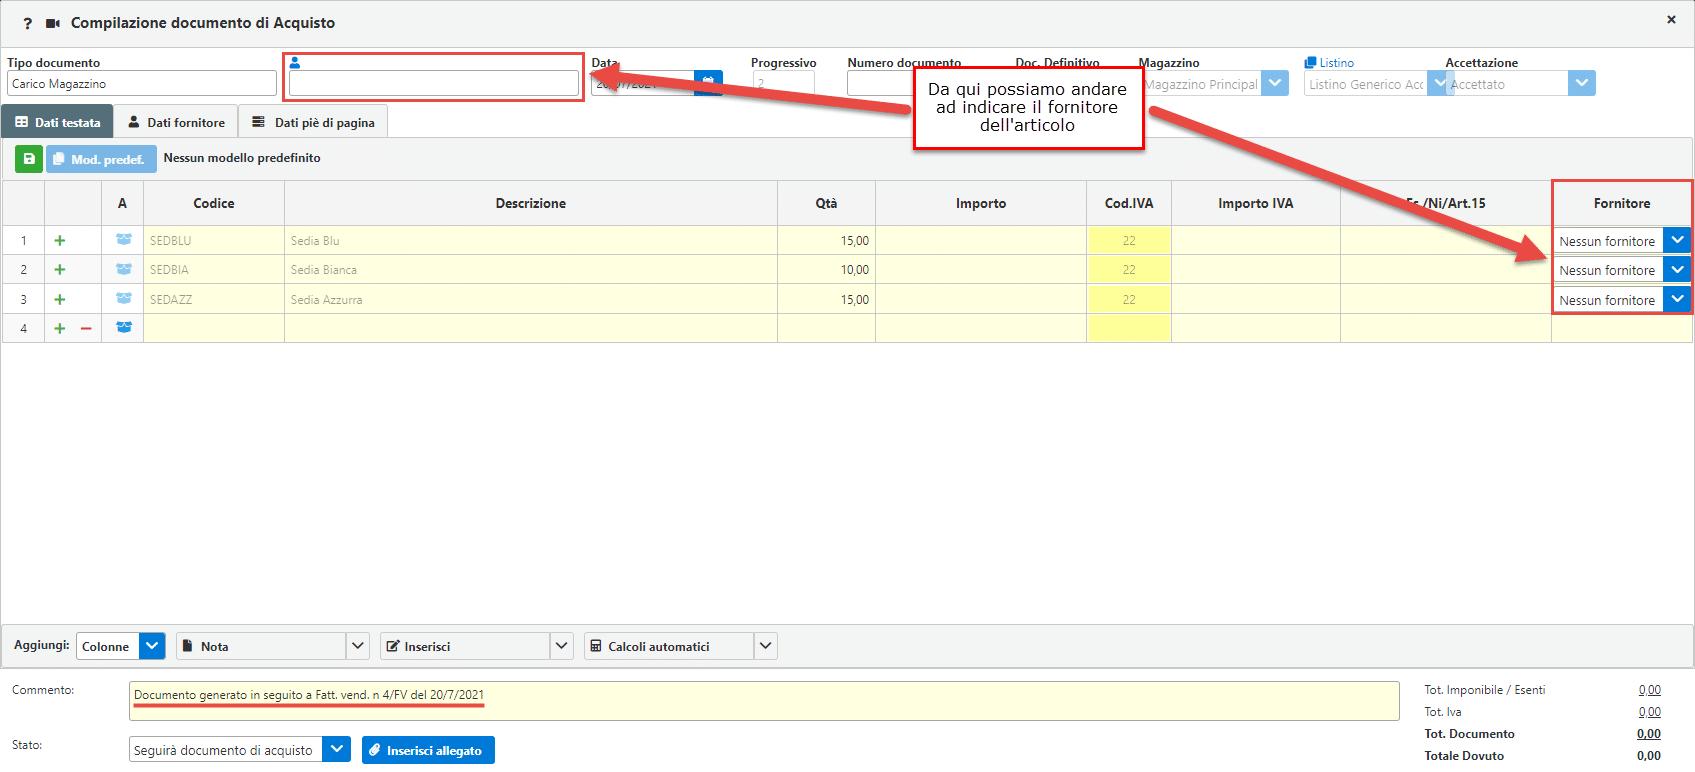 Fatturazione inWeb: Gestione Sottoscorta: percorso per vedere e aprire il documento creato in automatico